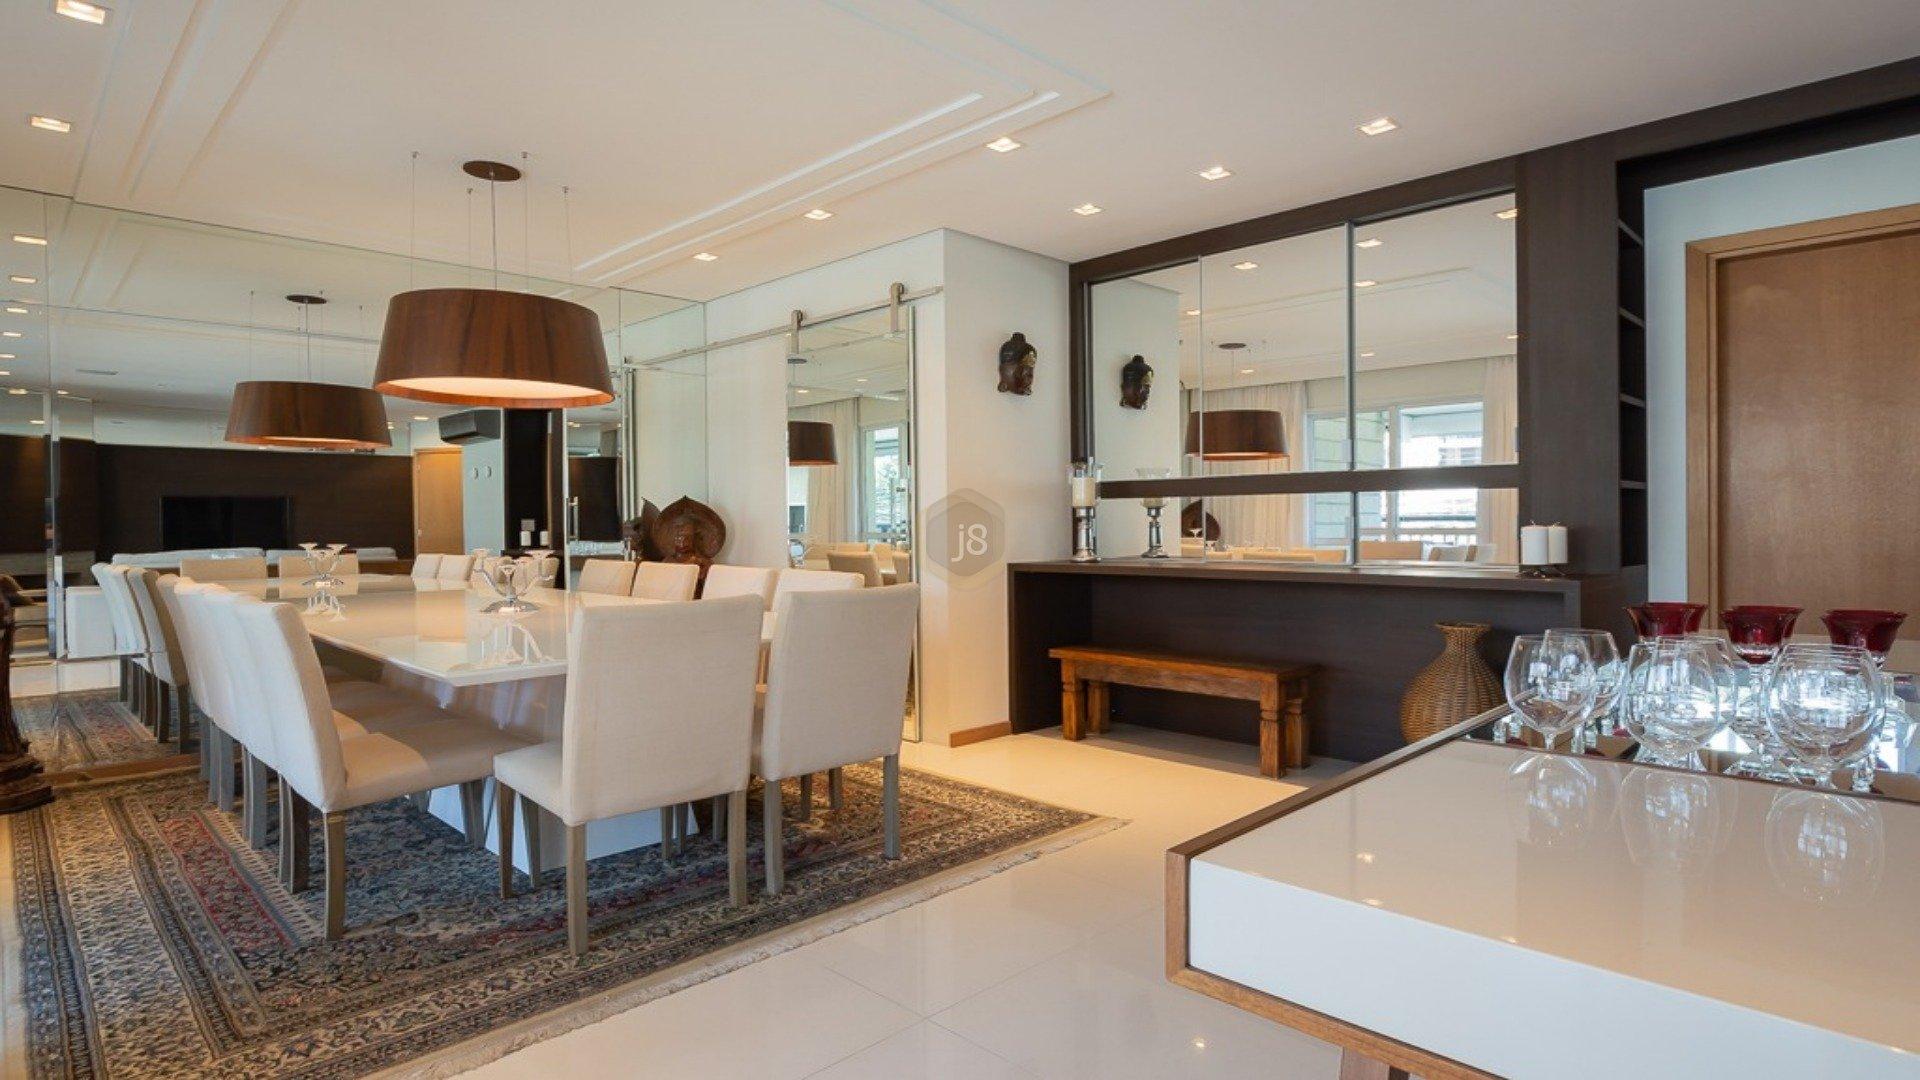 Foto de destaque Apartamento finamente decorado no cabral